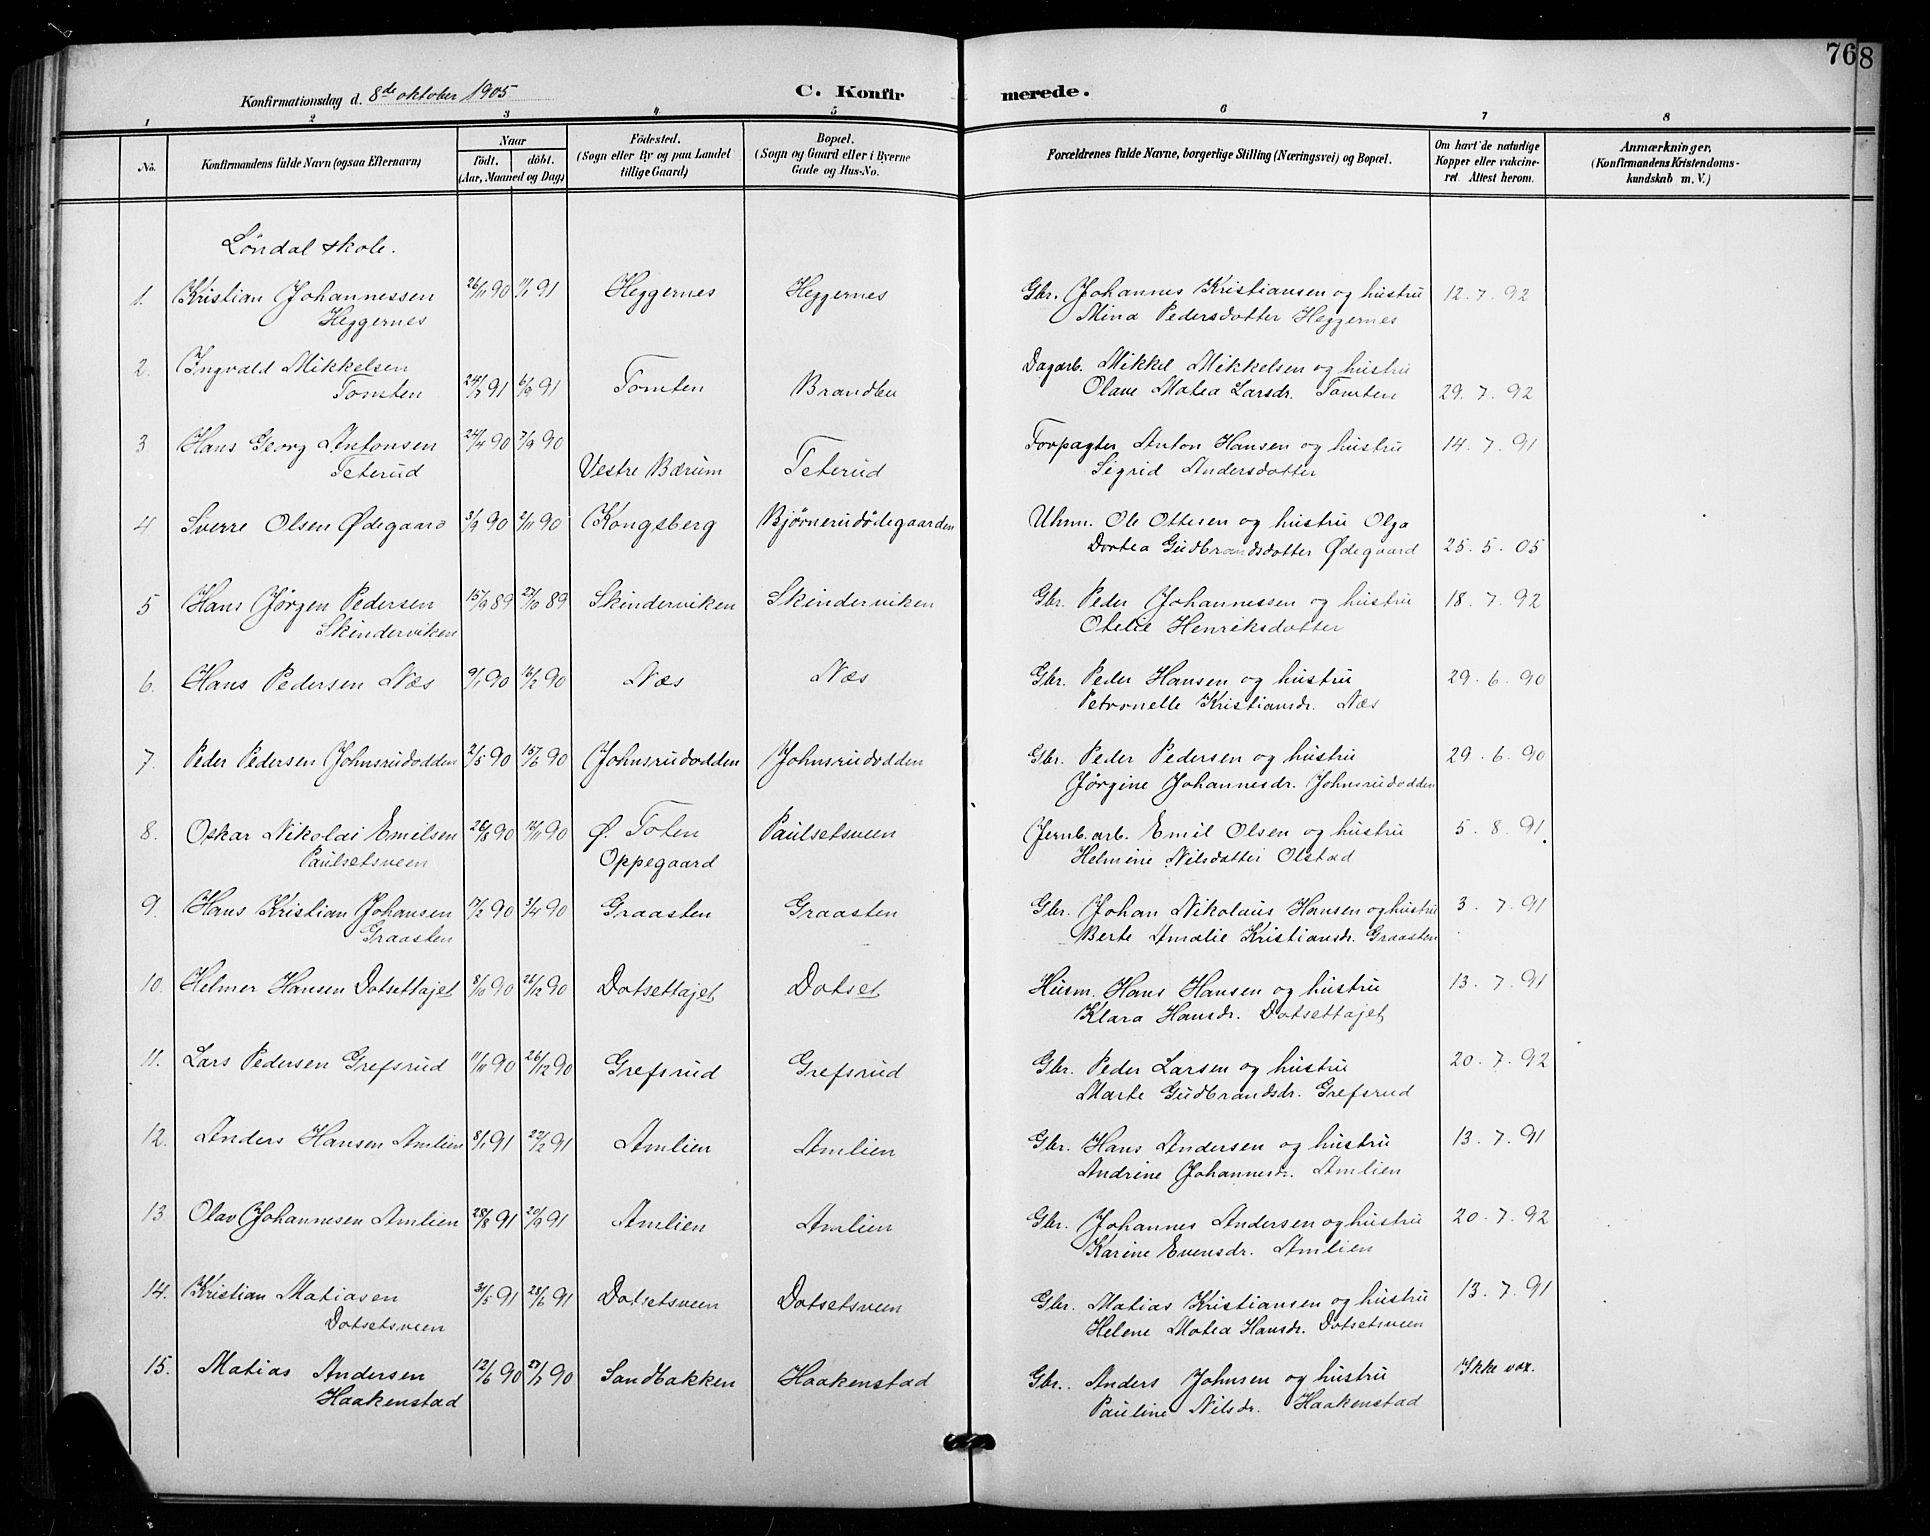 SAH, Vestre Toten prestekontor, Klokkerbok nr. 16, 1901-1915, s. 76